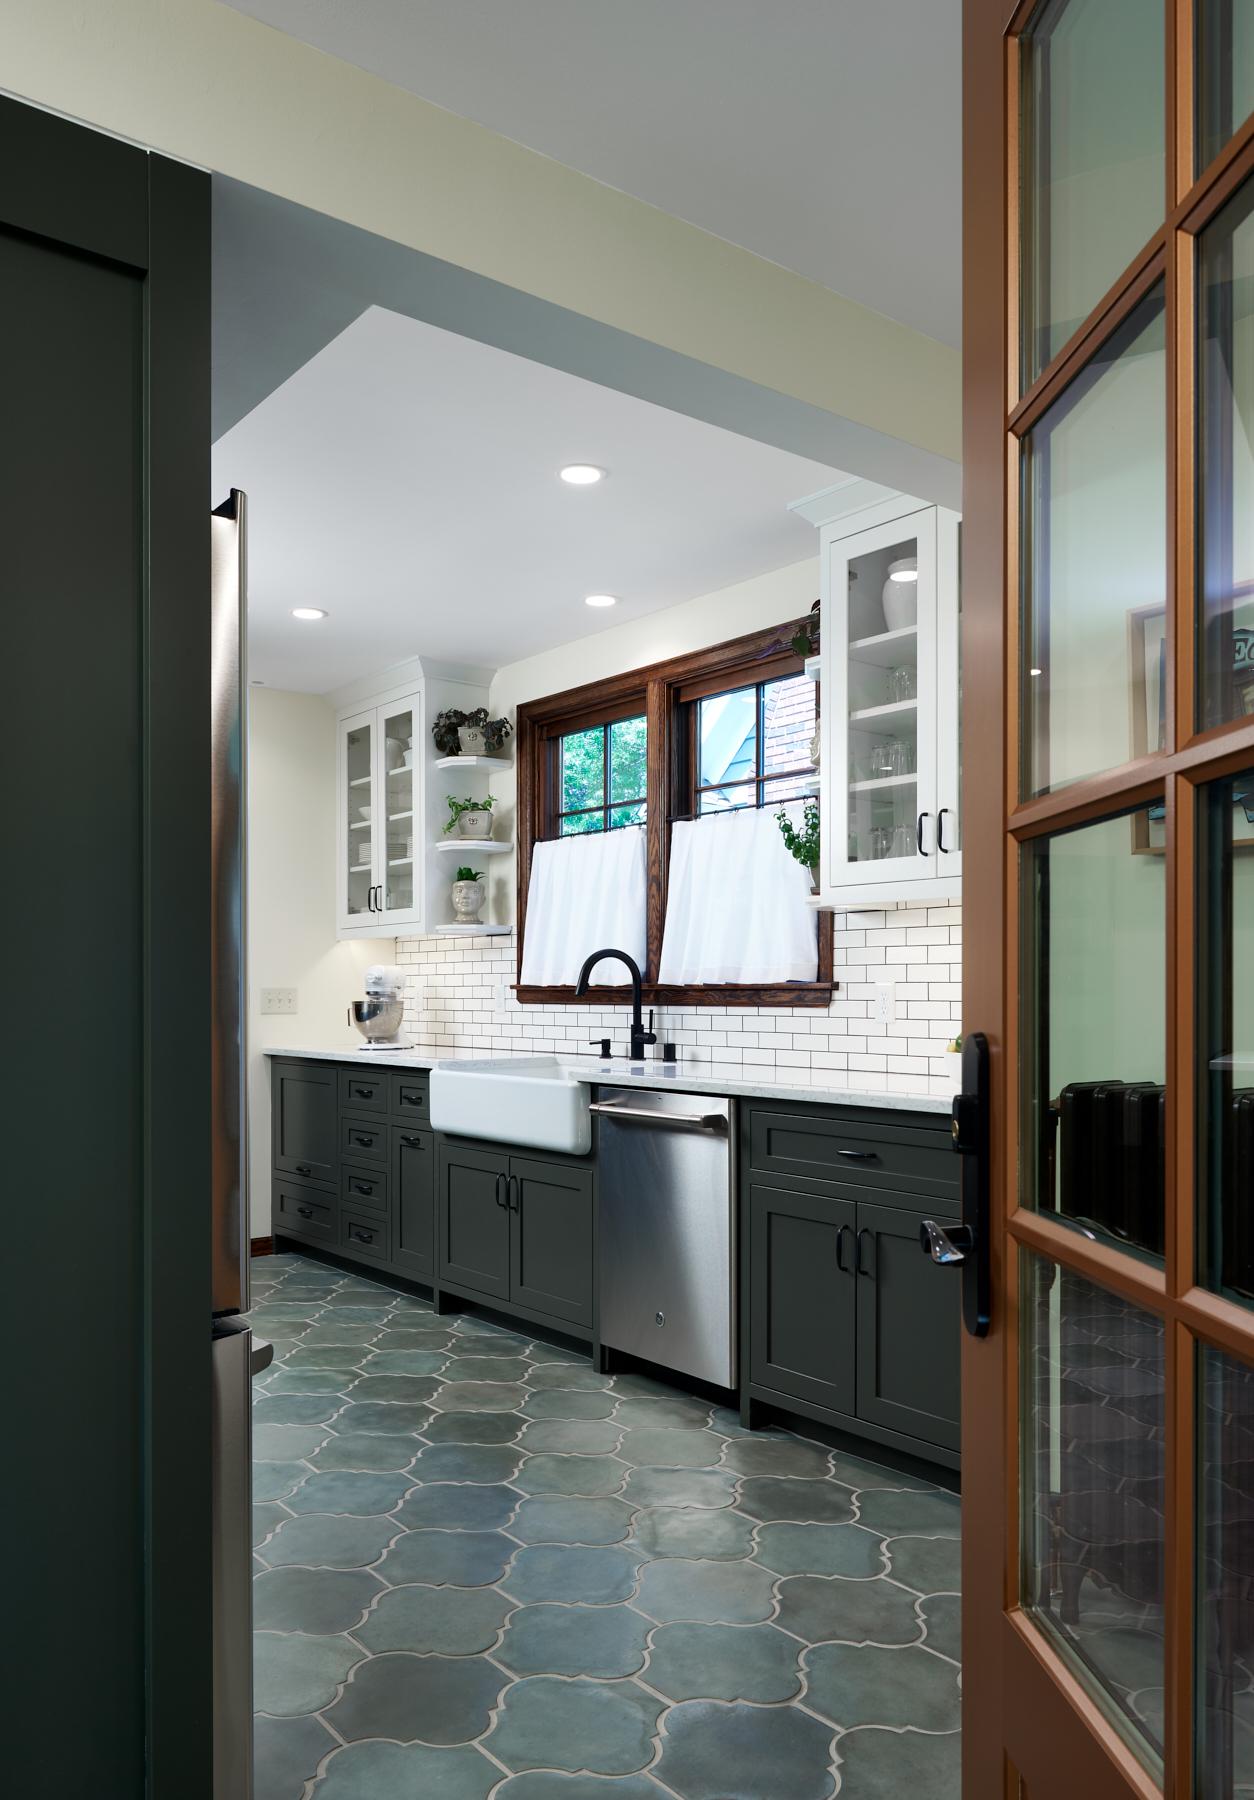 Kitchen traffic flows with interior design by NewStudio Architecture